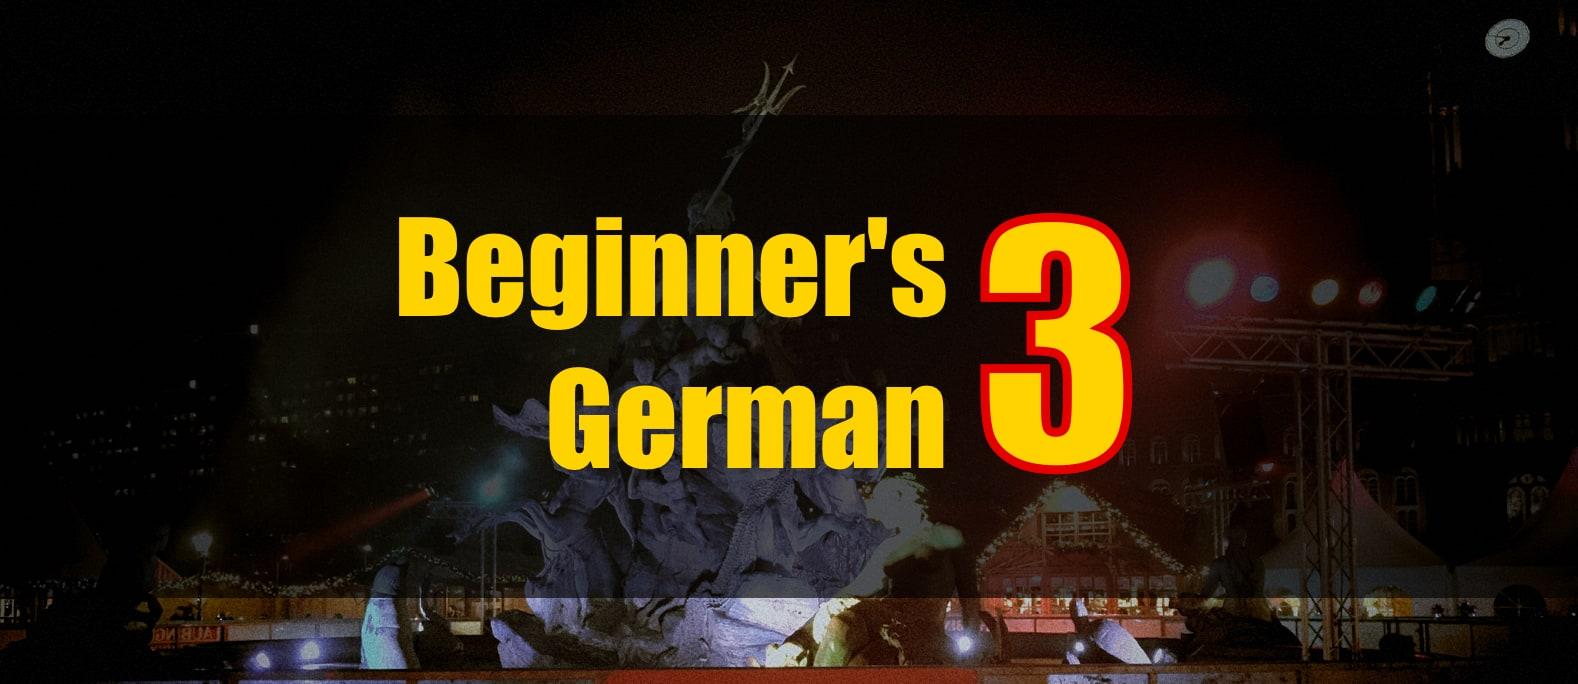 Beginner's German 3